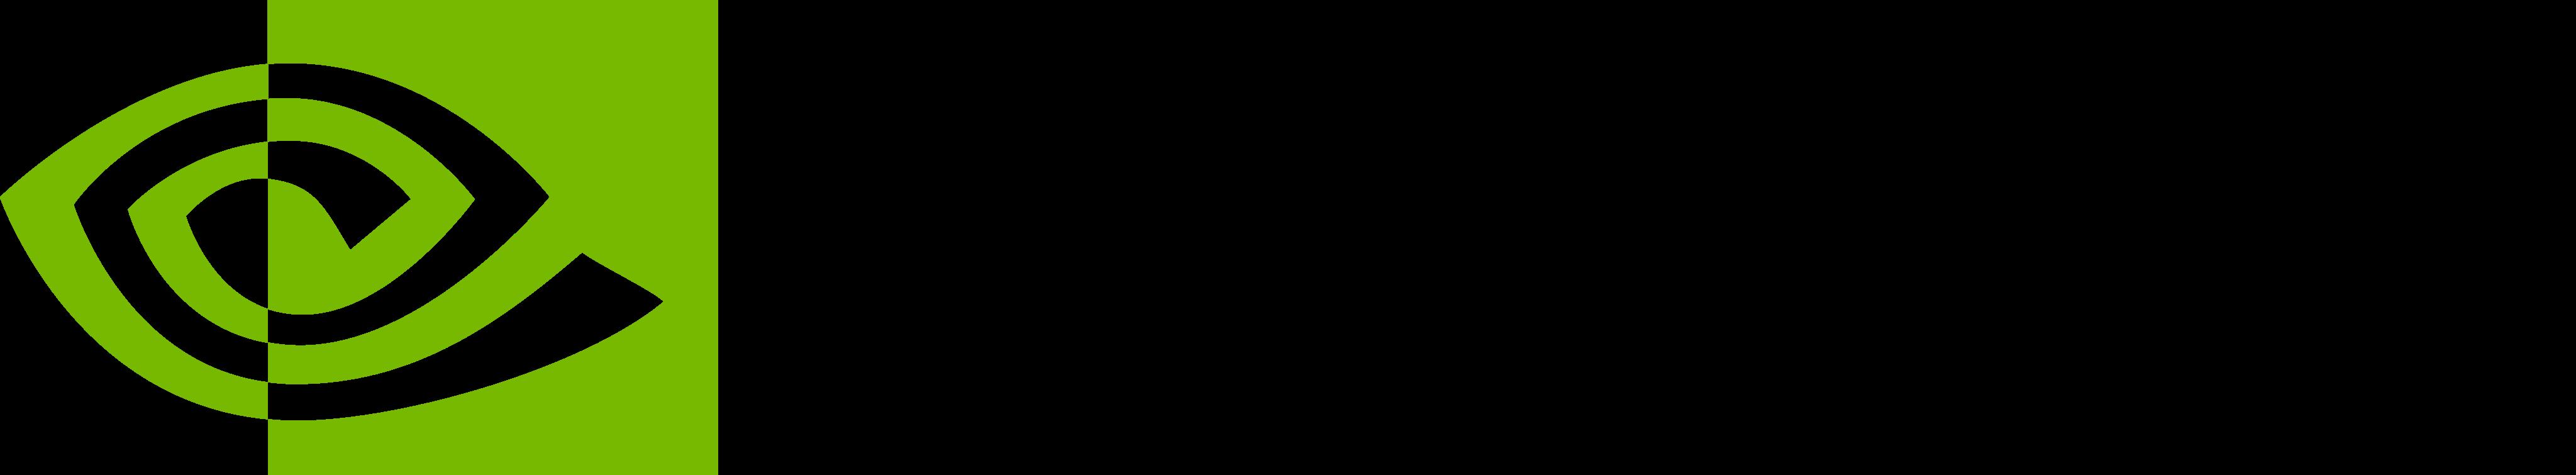 nvidia logo 16 - Nvidia Logo